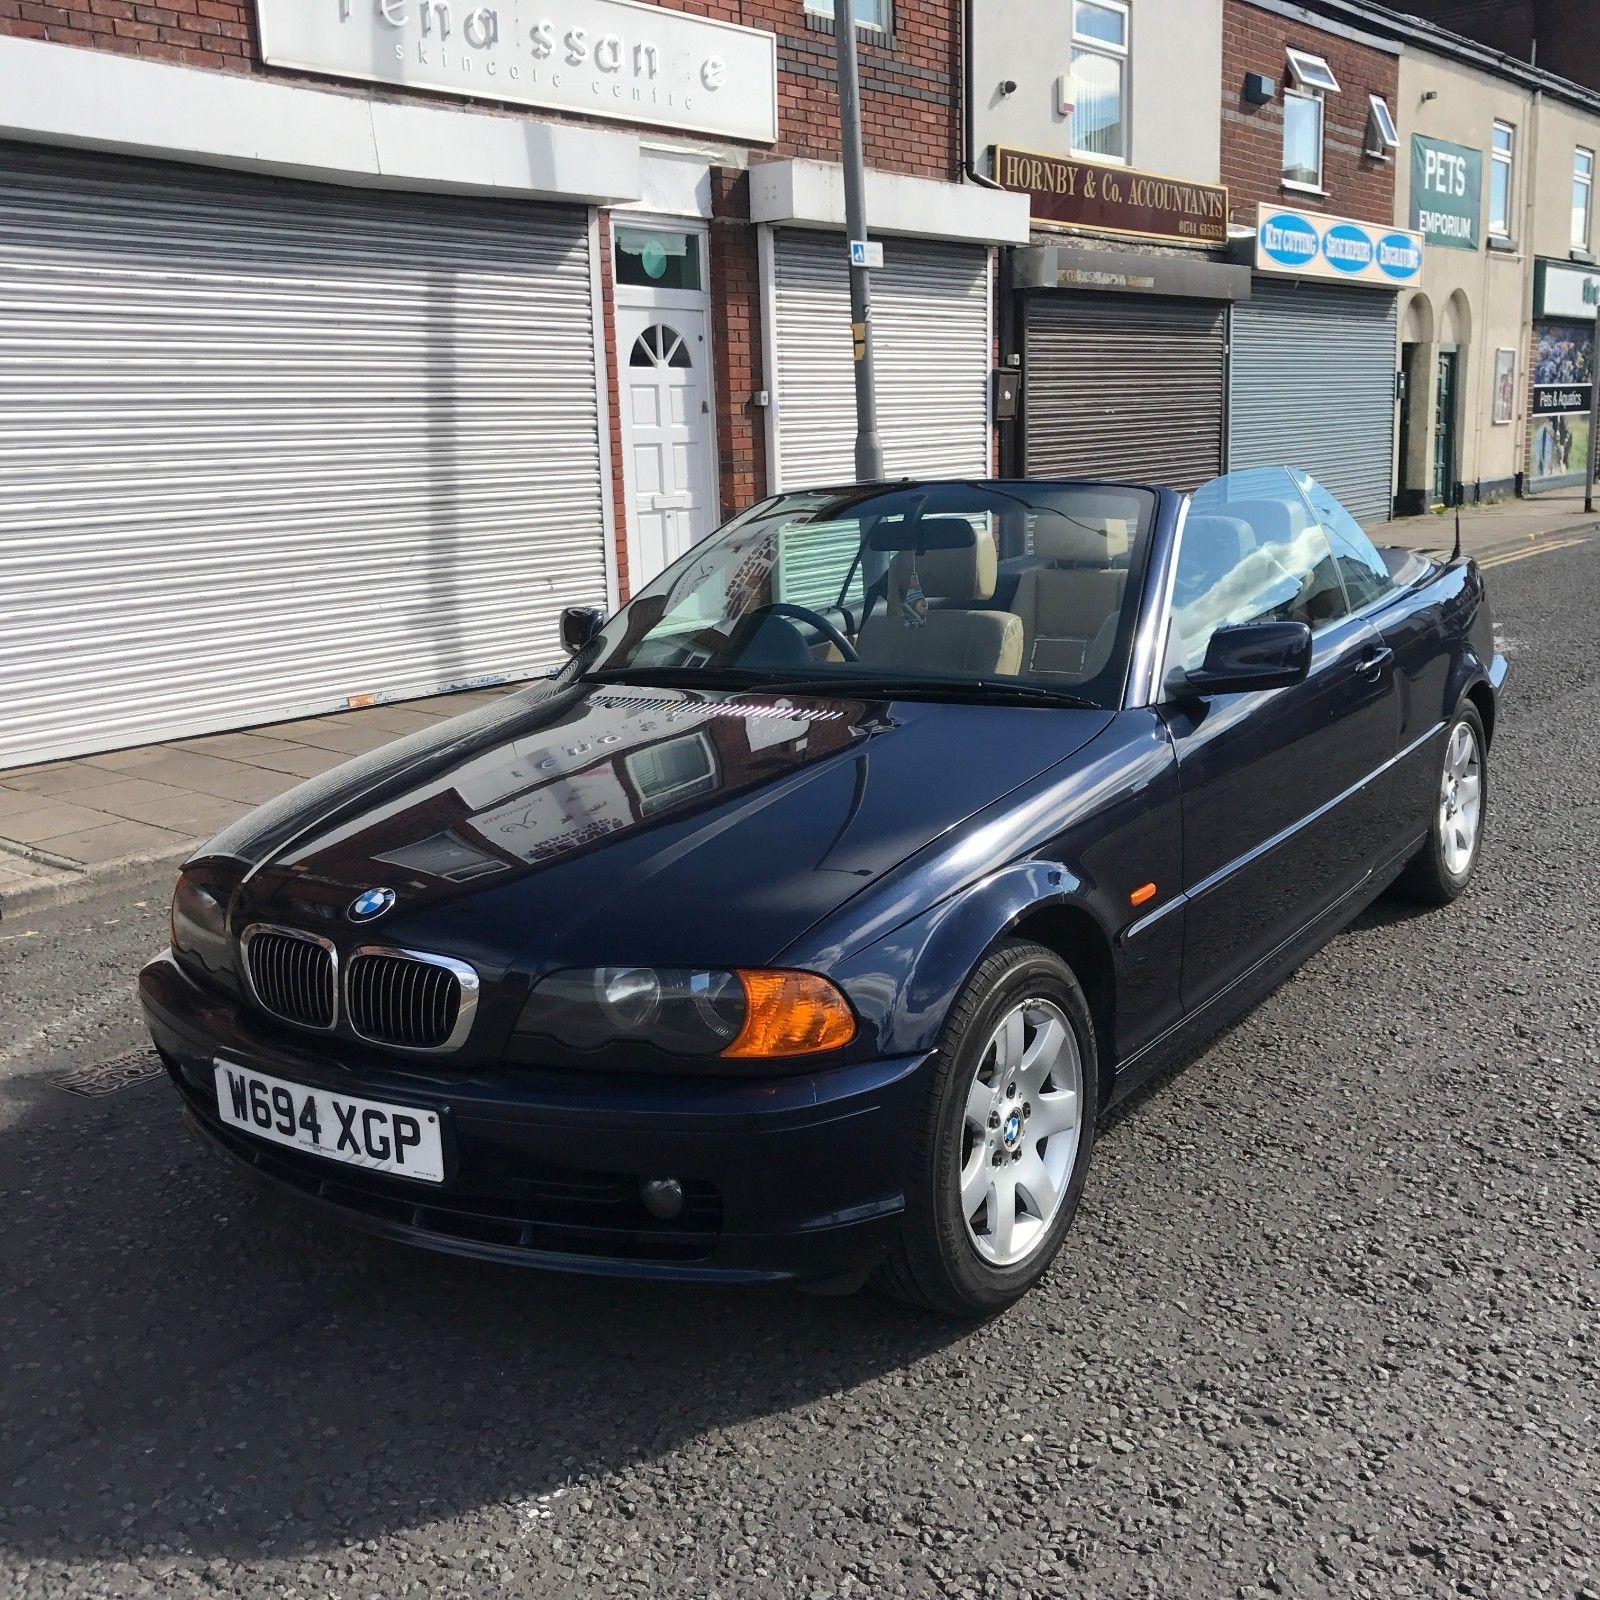 2000 Bmw 323ci Coupe: 2000 BMW 323CI AUTO CONVERTIBLE BLUE